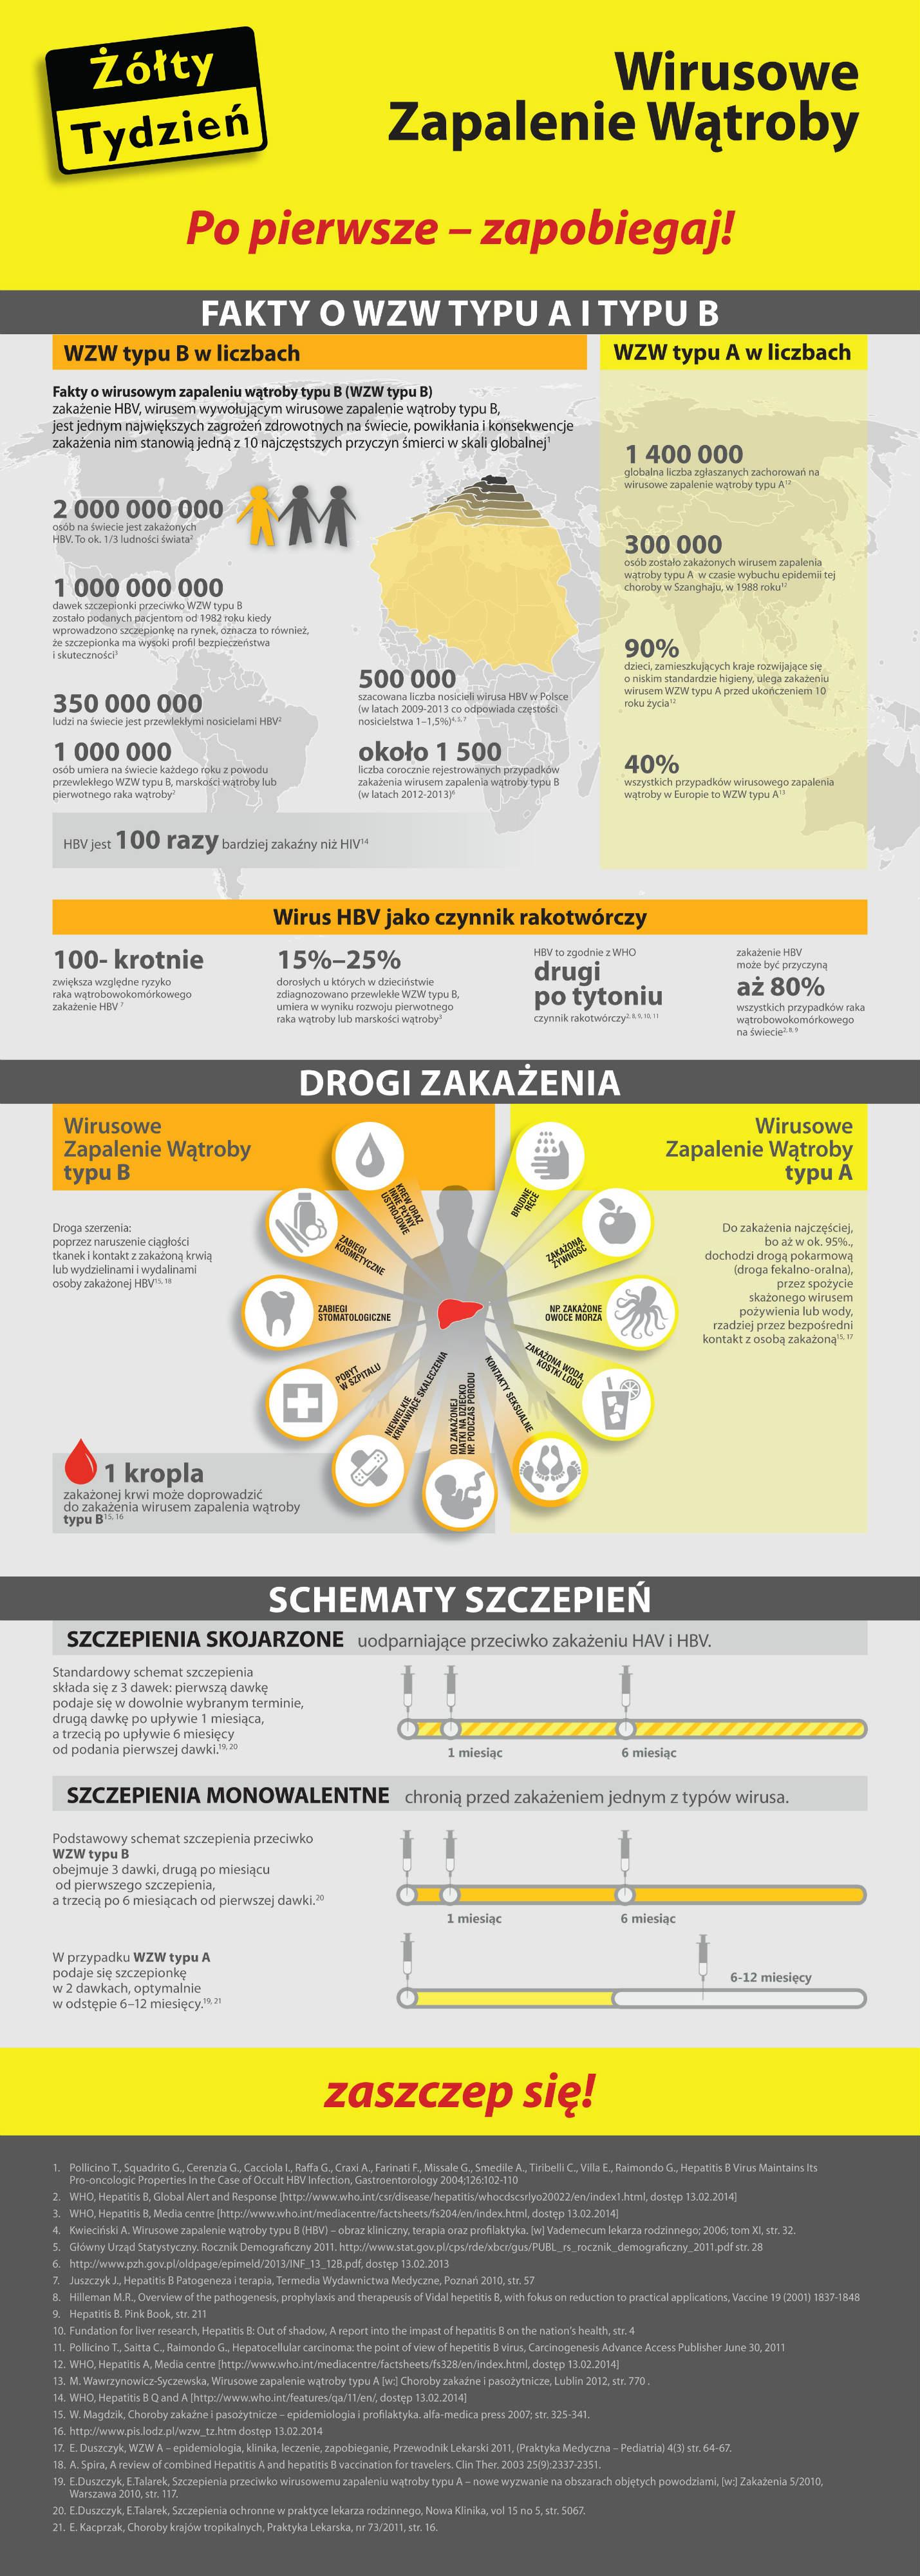 28 edycja akcji Żółty Tydzień, 31 marca – 11 kwietnia 2014 r.